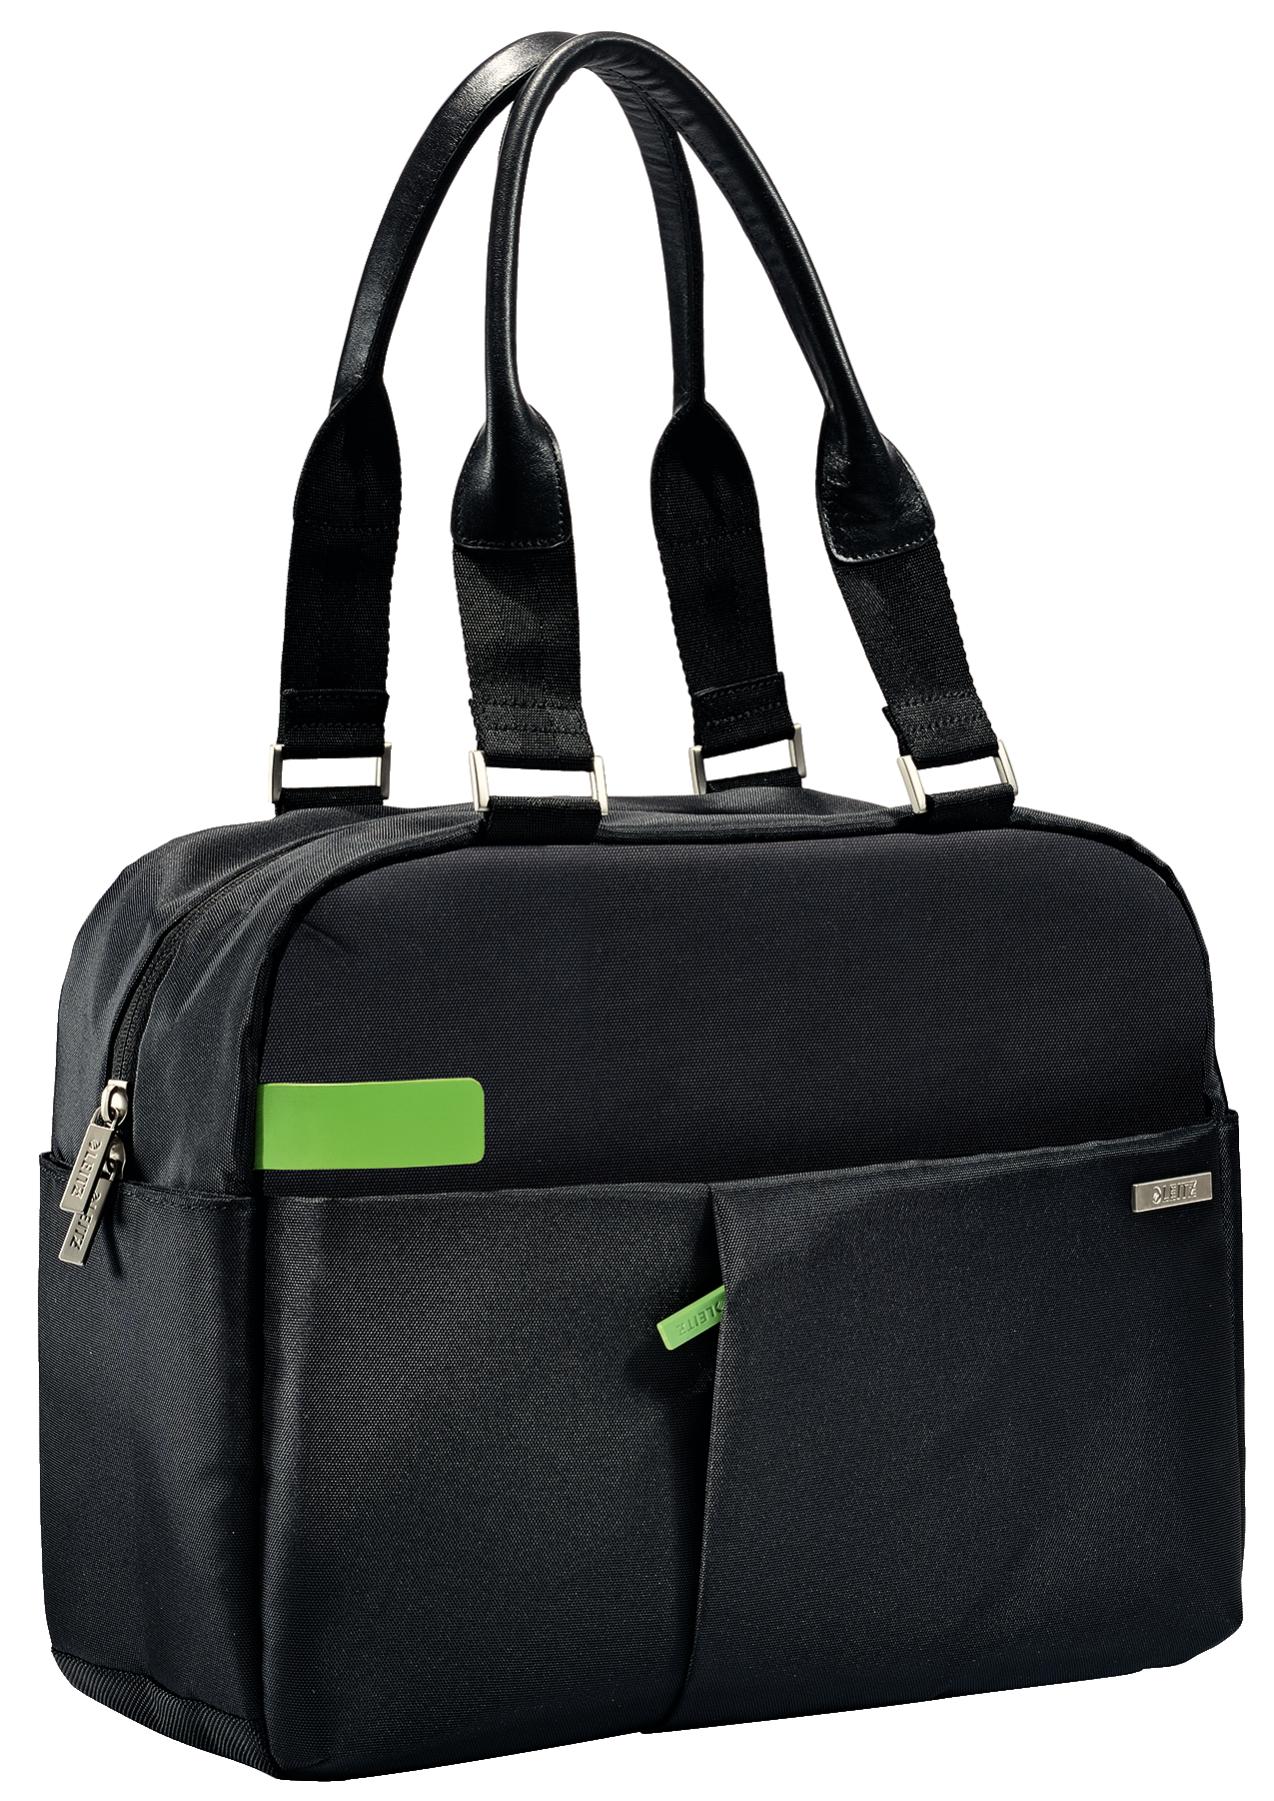 LEITZ Complete 33,78cm 13.3Zoll Shopper Smart Traveller. Schultertasche fuer all Ihre Mobilgeraete und A4 Dokumente. Mit eleganten